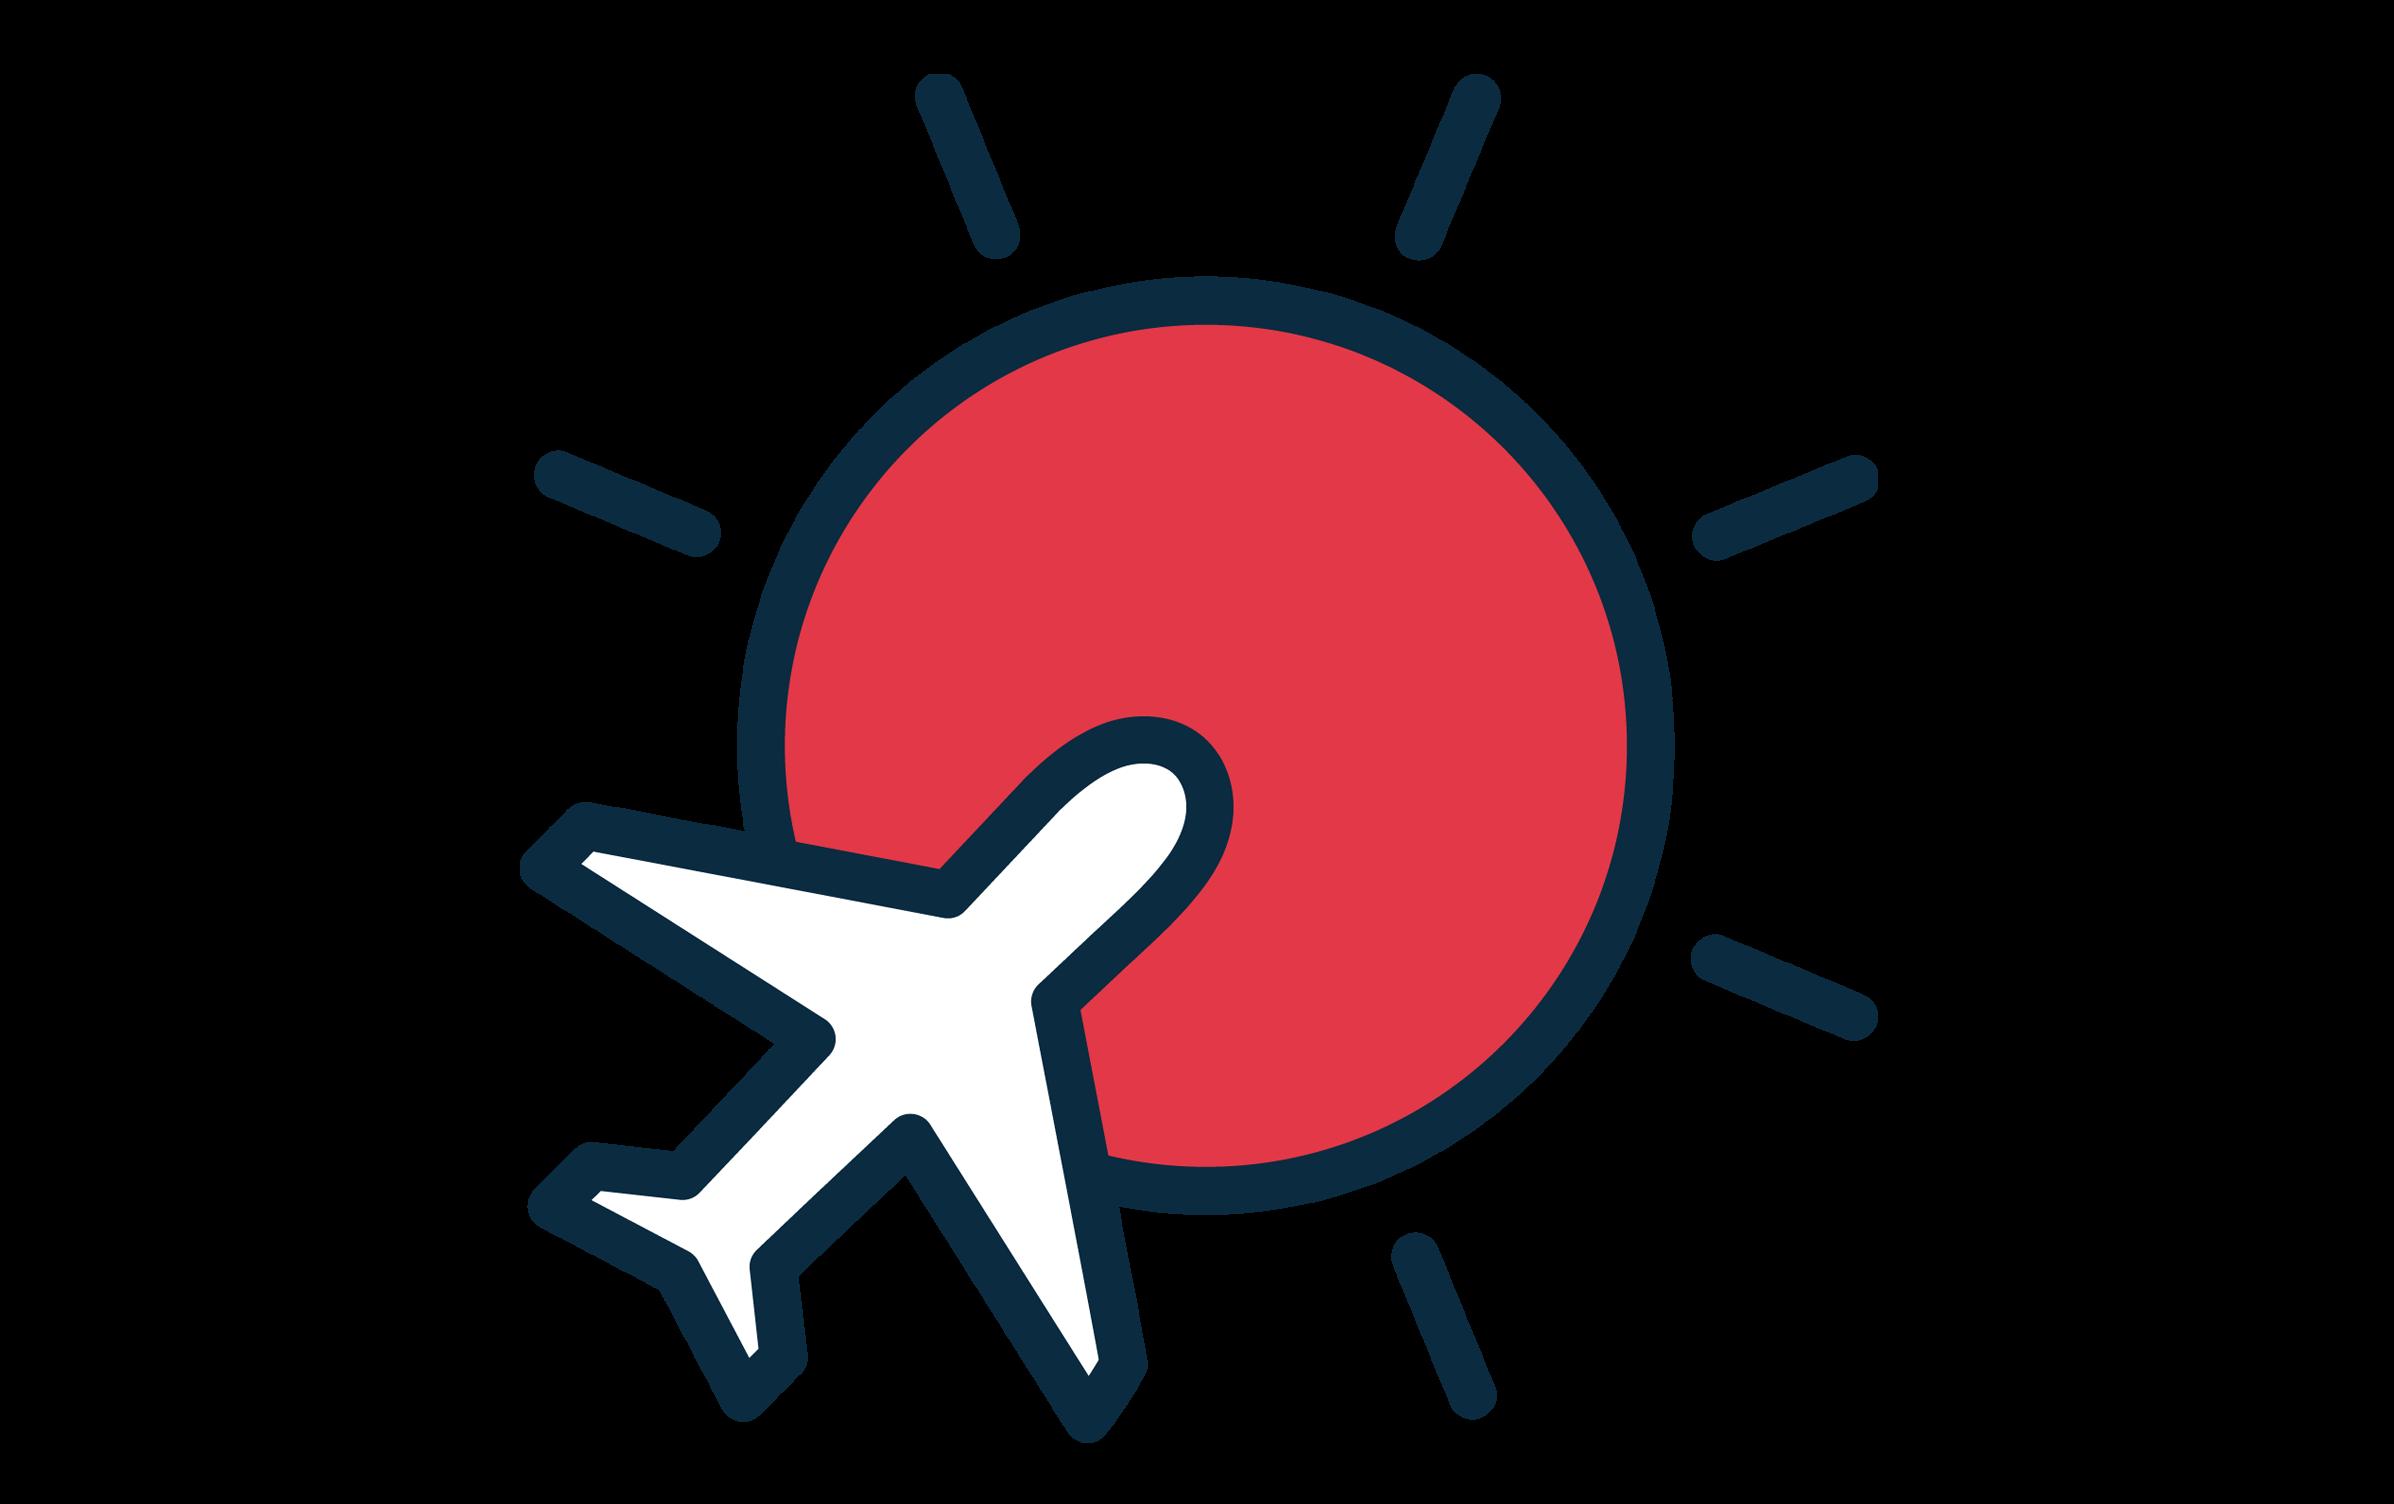 Endsleigh travel insurance - Promo